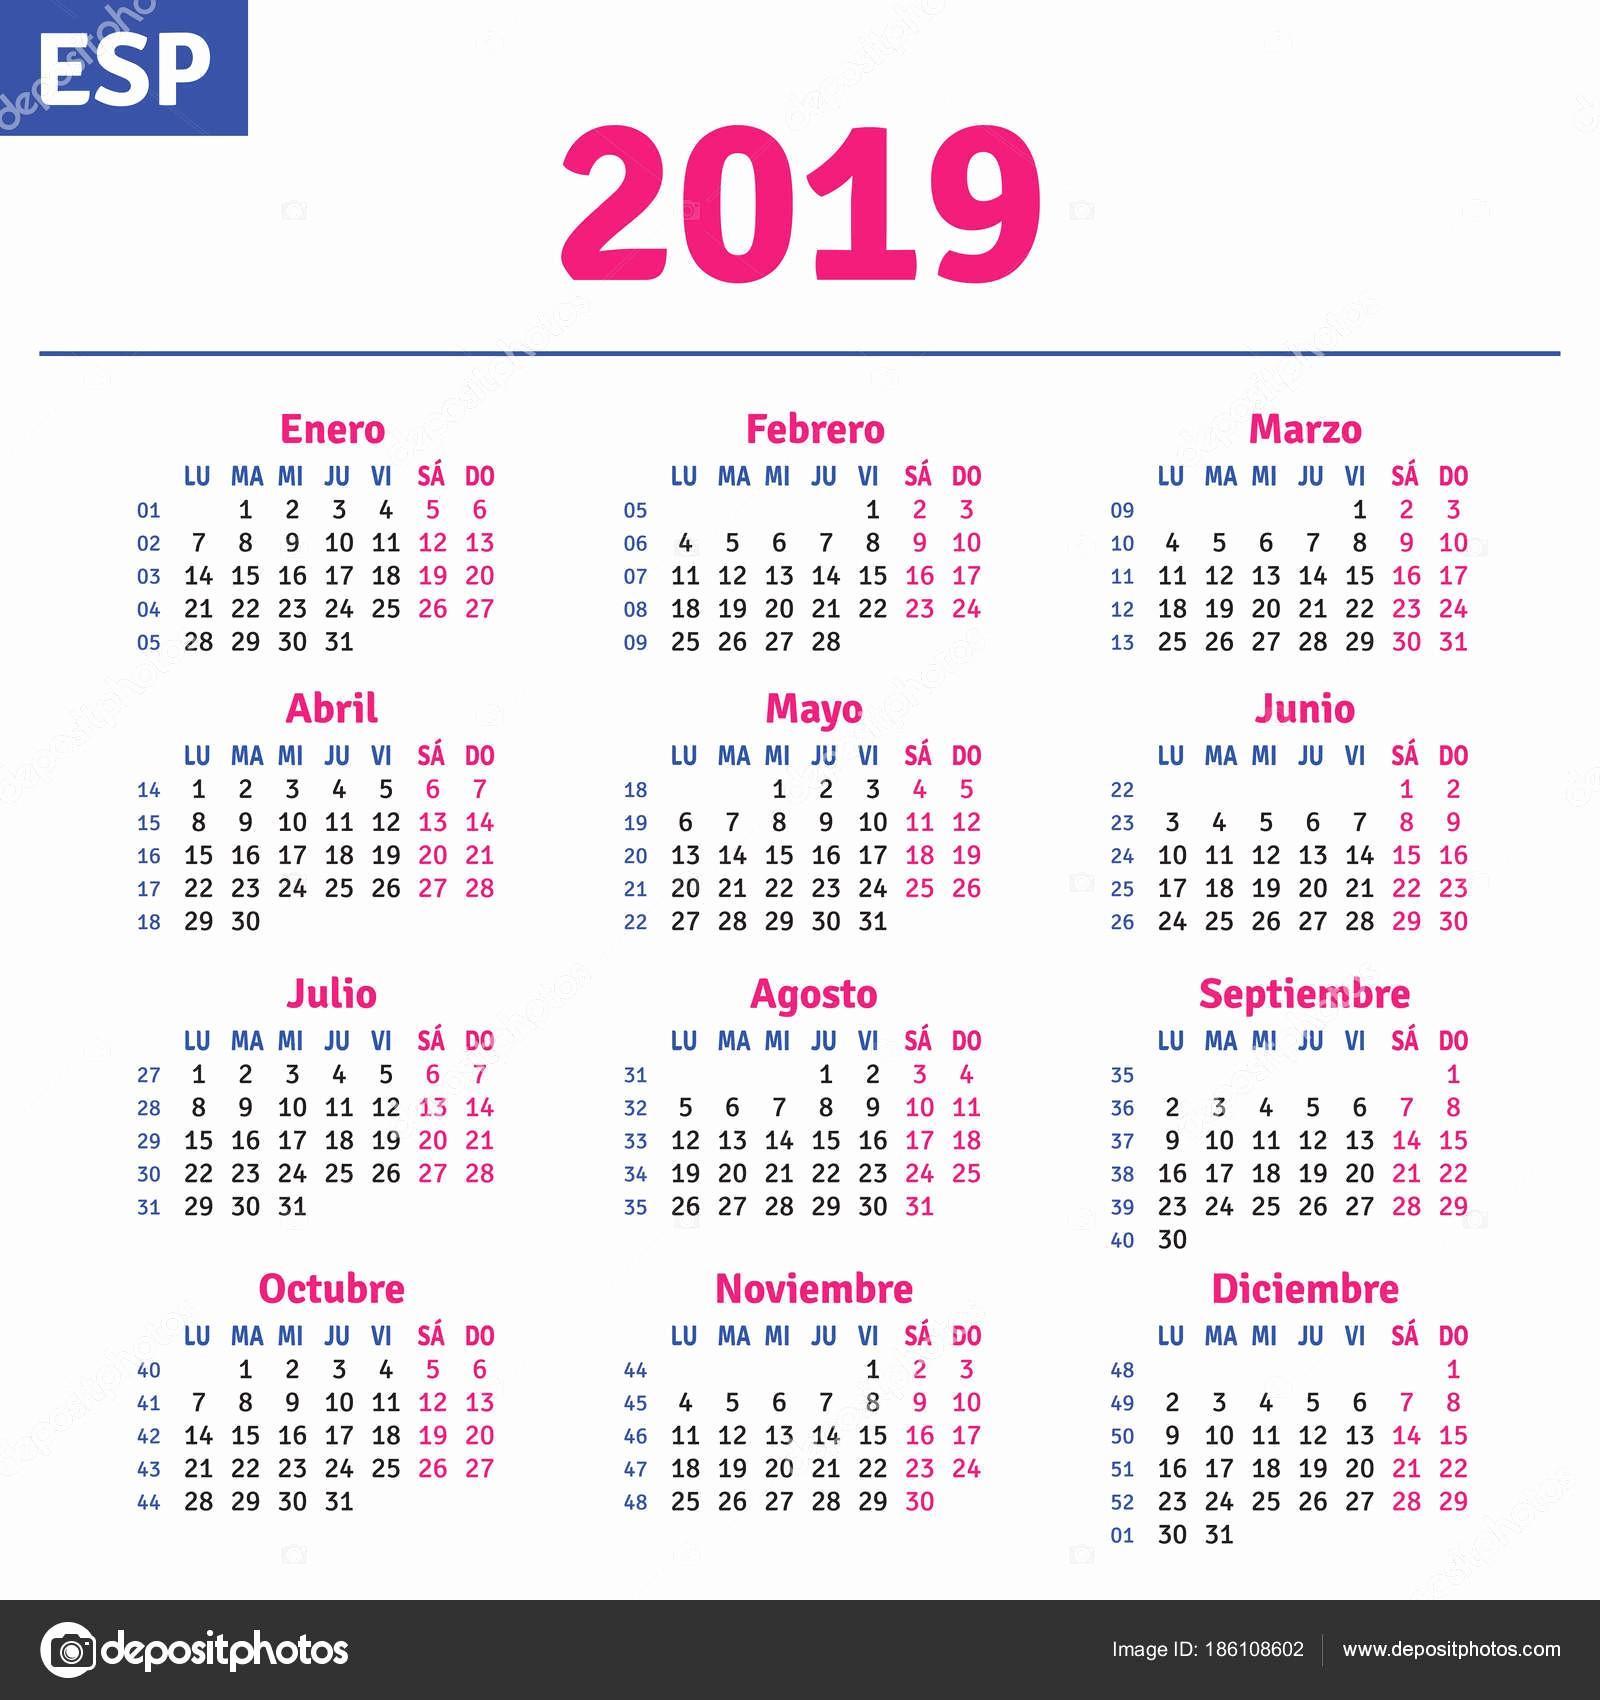 Calendario Sep Febrero 2018 Más Actual Calendario Dr 2019 Espanol Calendario 2019 Archivo Imagenes Of Calendario Sep Febrero 2018 Actual Ya Puedes organizar Tu 2018 Aqu Tienes 15 Plantillas Del